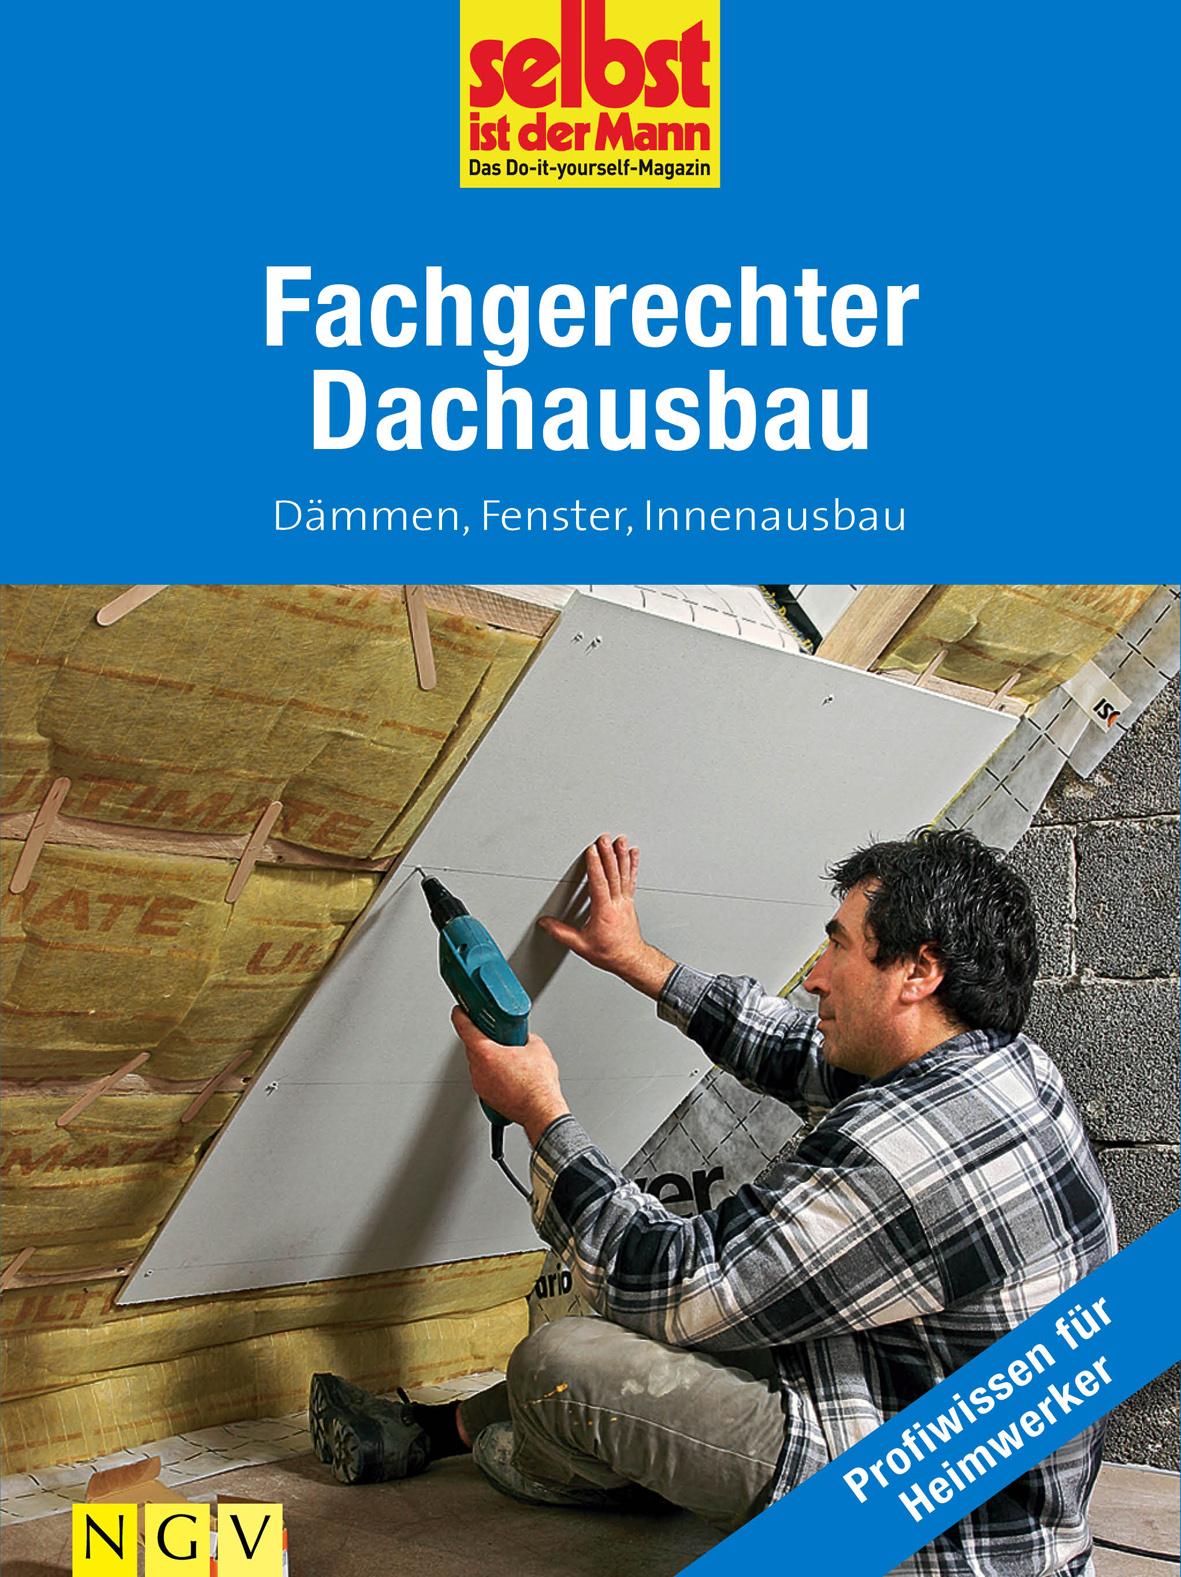 Fachgerechter Dachausbau   NGV   Naumann & Göbel ...